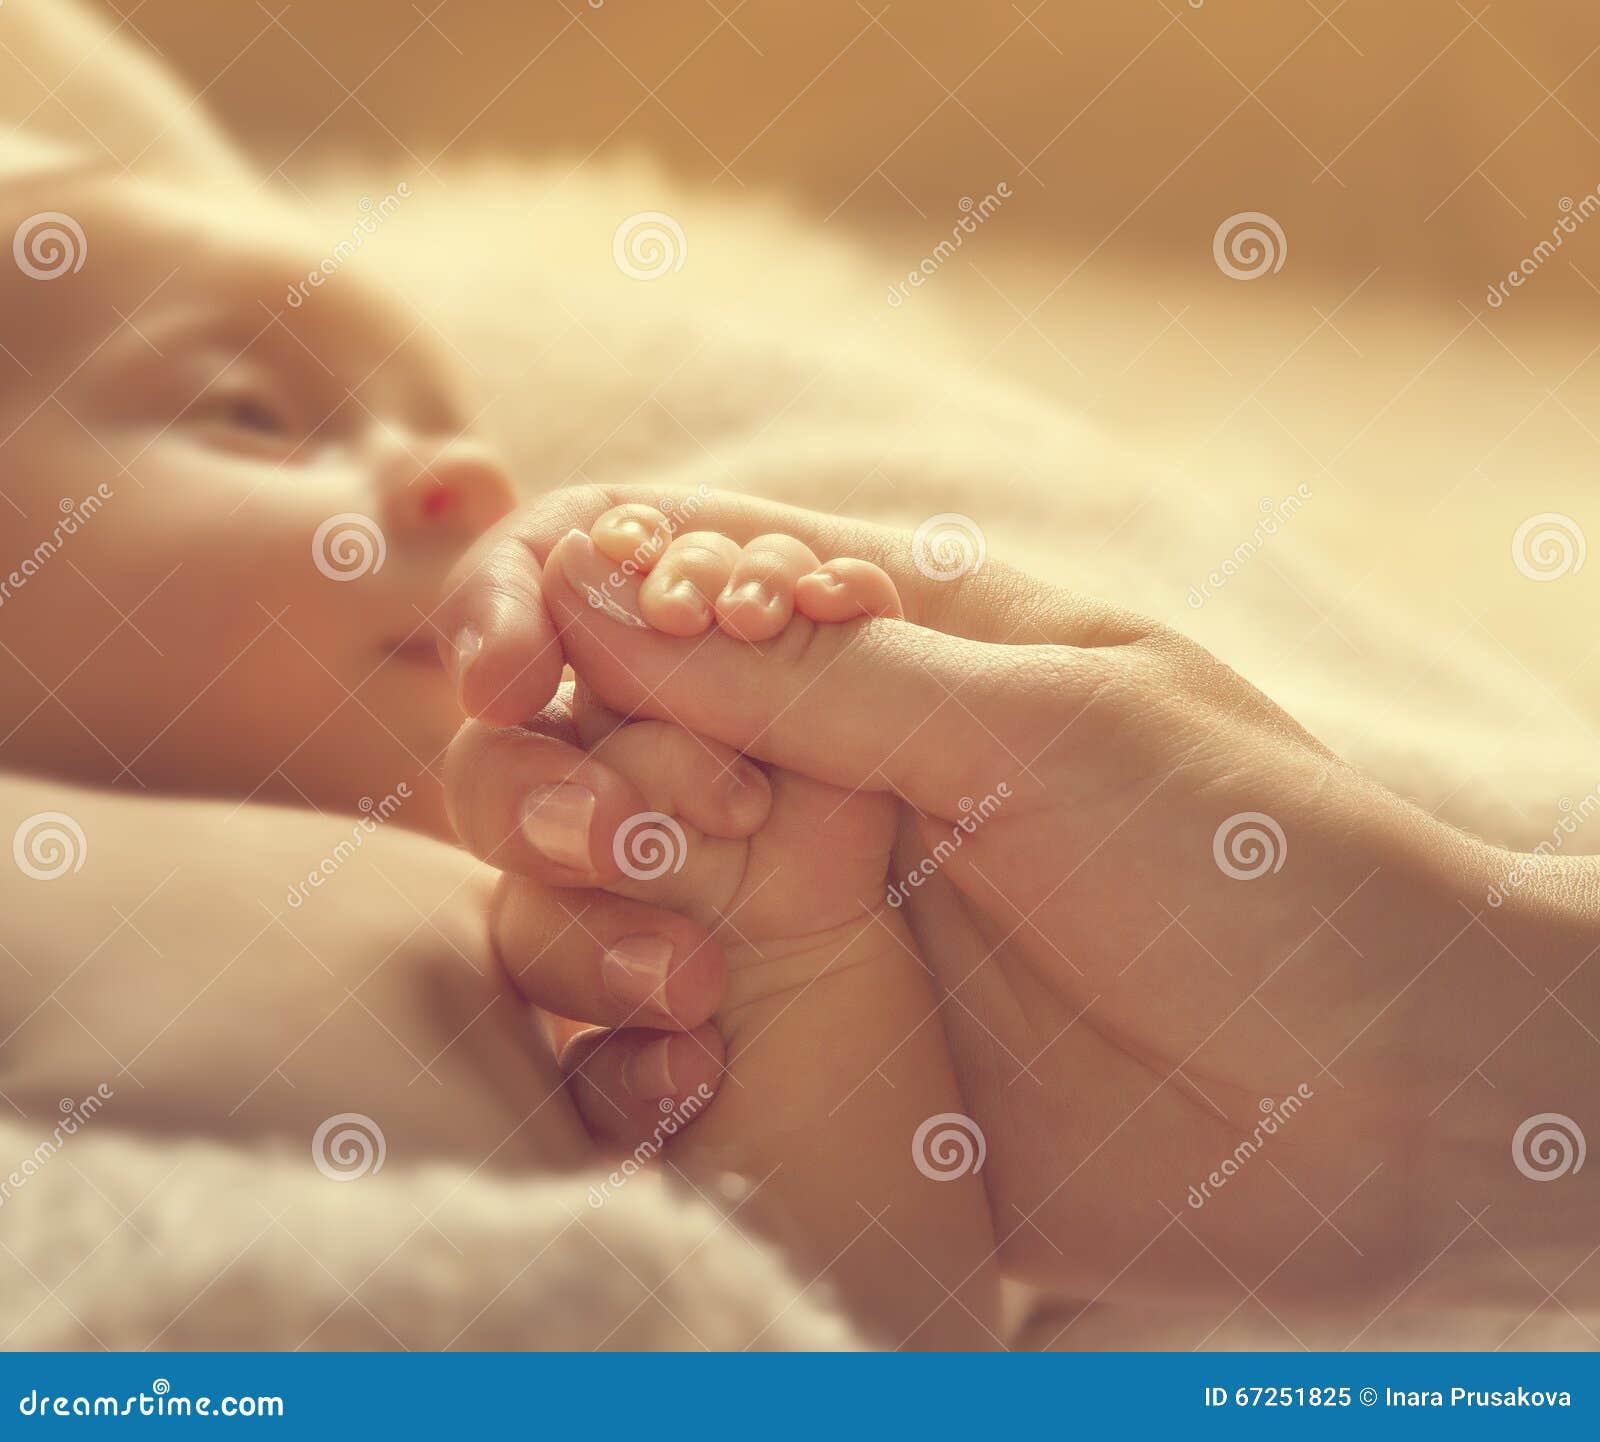 De Moederhanden van de babyholding, Zieke Pasgeboren Nieuwe Gezondheid, - geboren Hulp